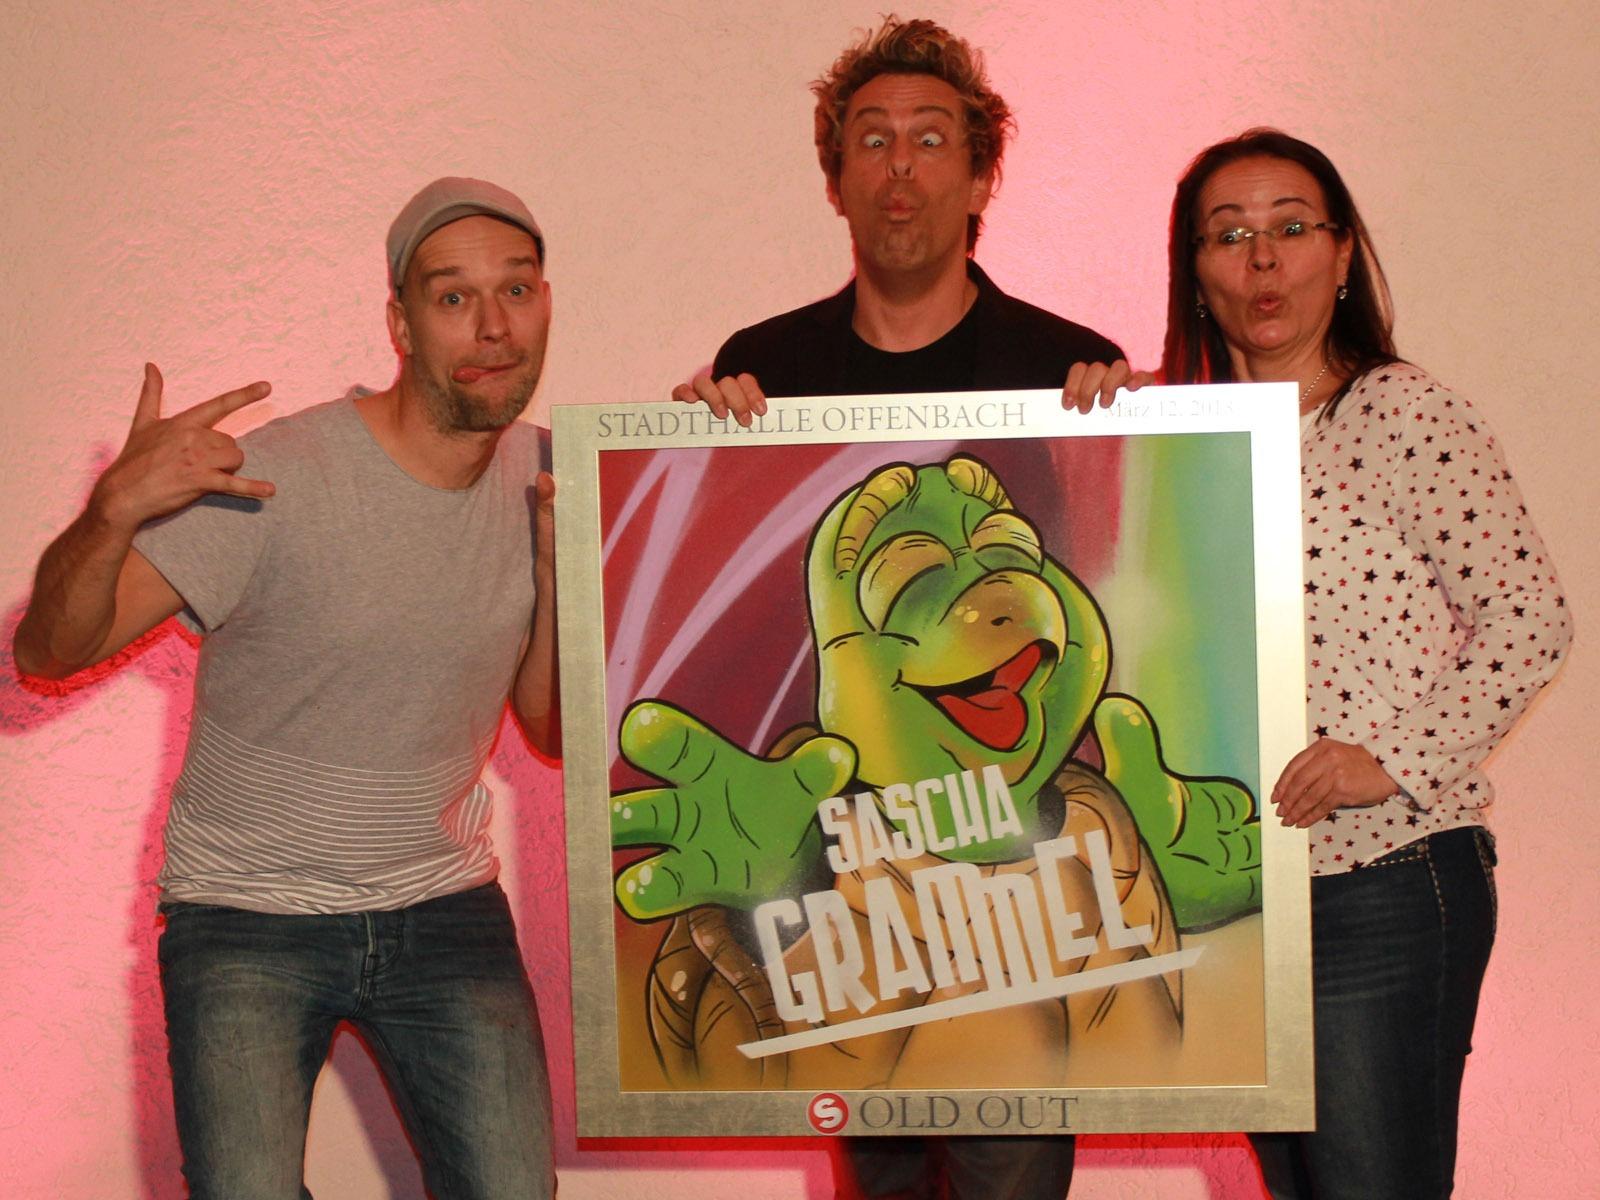 graffitiauftrag-graffitikuenstler-artmos4-sold-out-award-sascha-grammel-stadthalle-offenbach-leinwand-graffiti